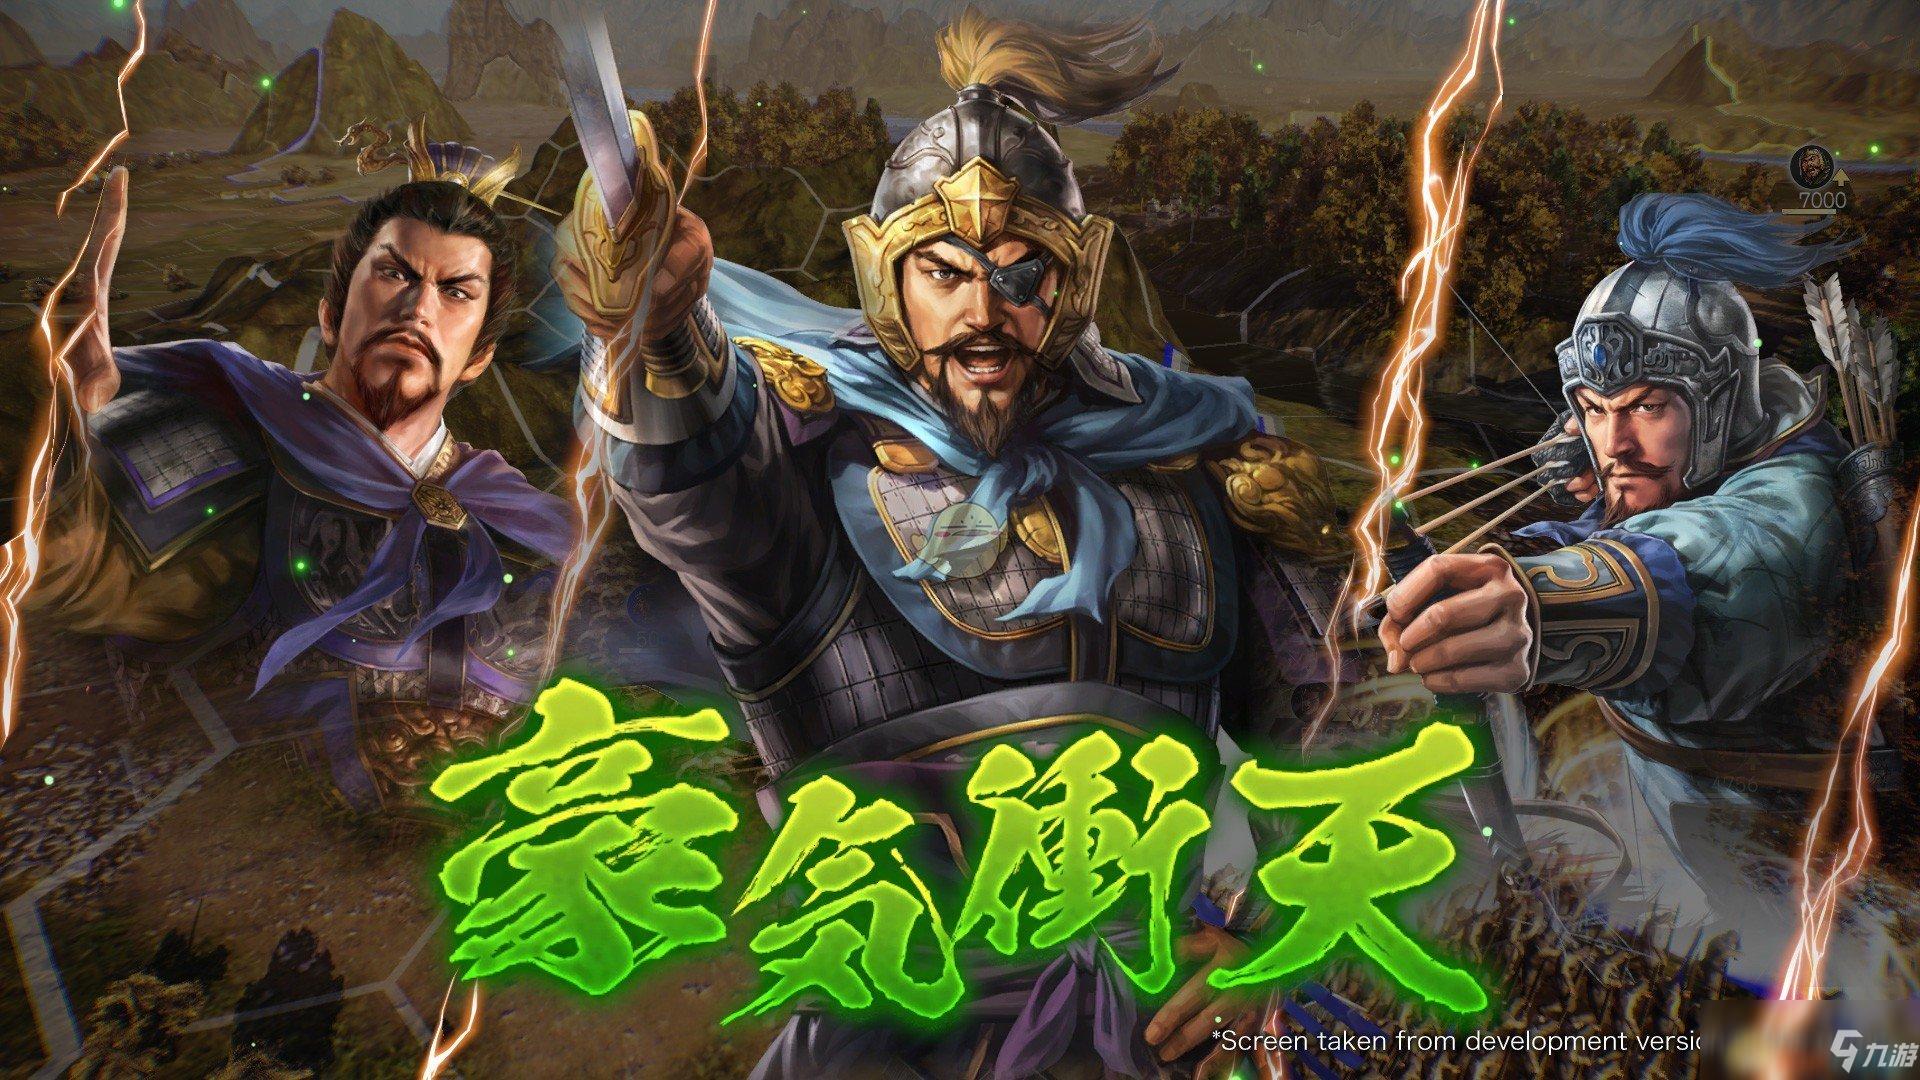 《三国志14》DLC古武将熊疑怎么样 数据详细分享